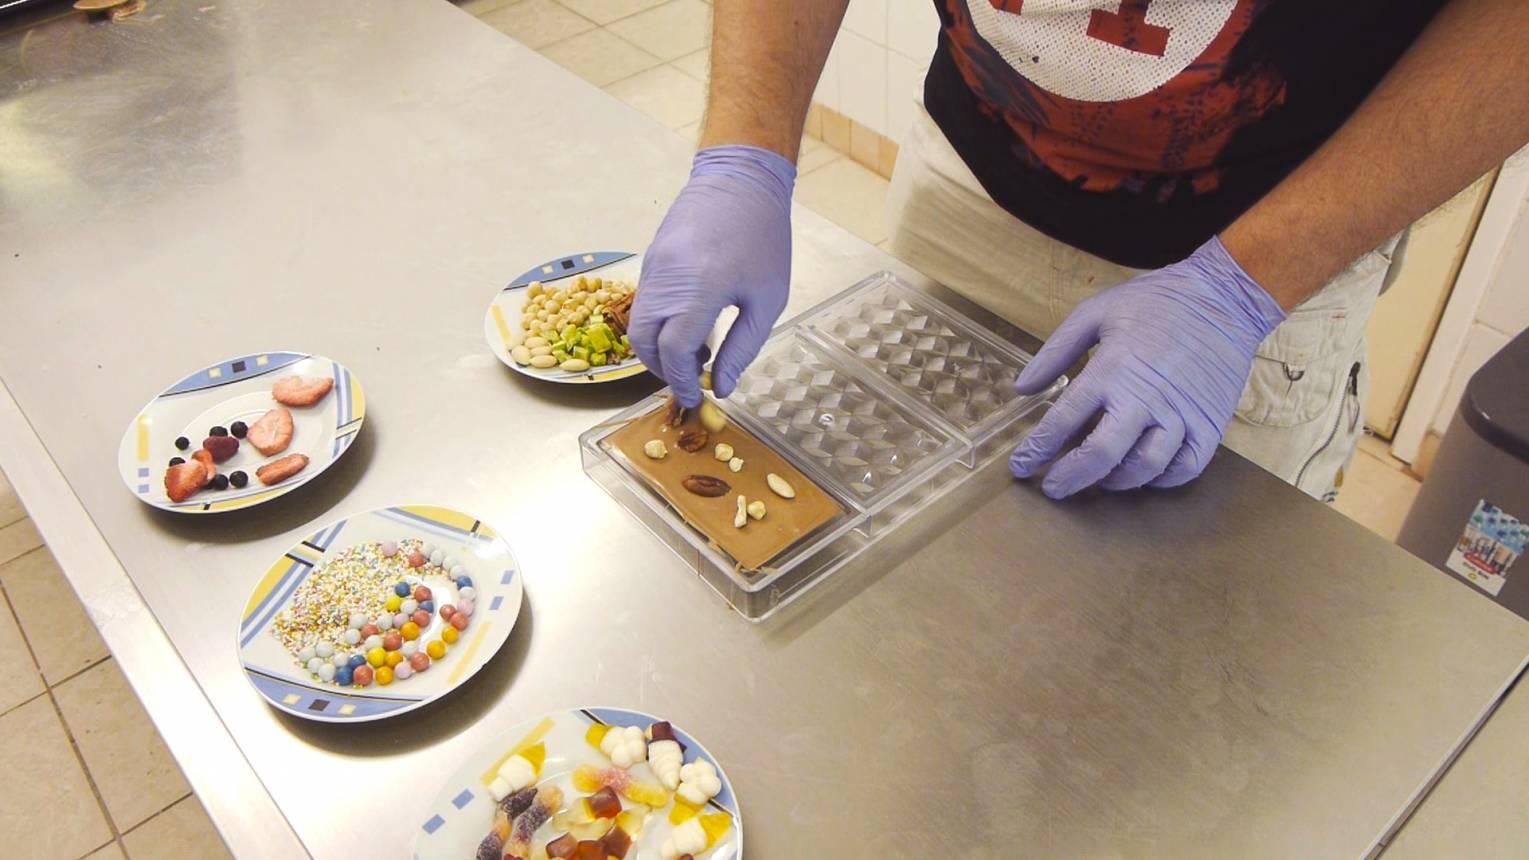 Kézműves táblás csokoládé készítő tanfolyam személyesen, vagy akár online részvétellel is